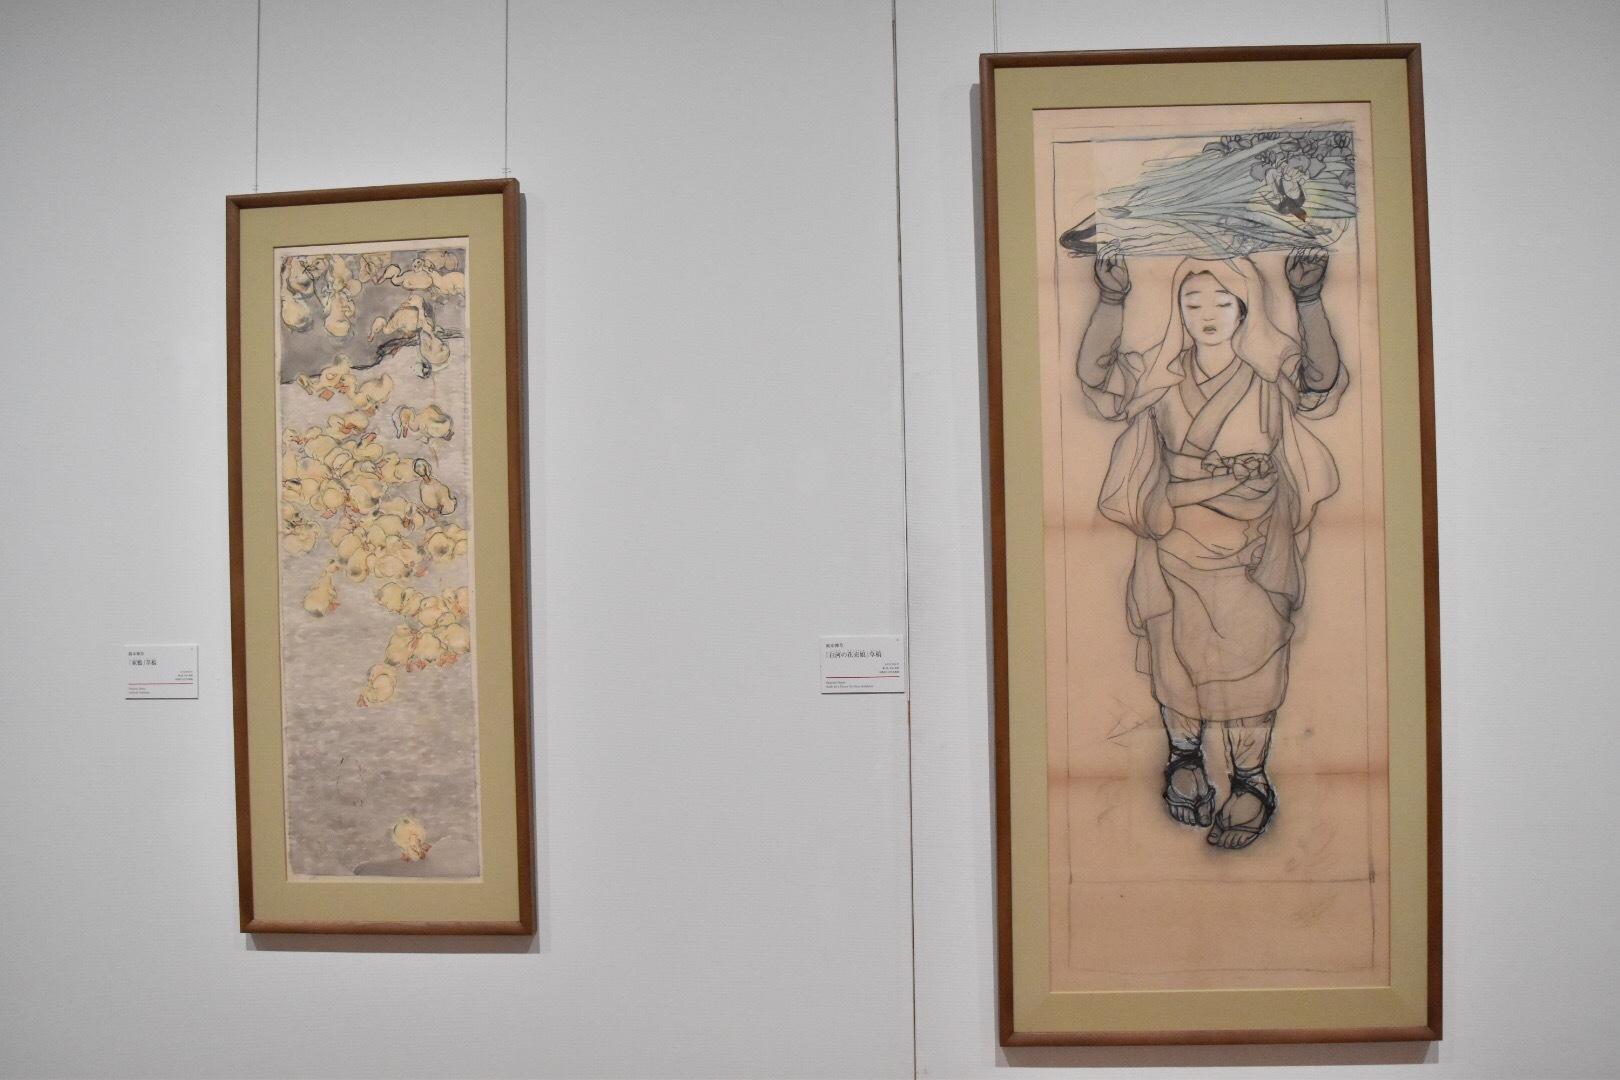 左:岡本神草 「家鴨」草稿 大正5(1916)年 京都国立近代美術館 右:岡本神草 「白河の花売娘」草稿 大正5(1916)年 京都国立近代美術館